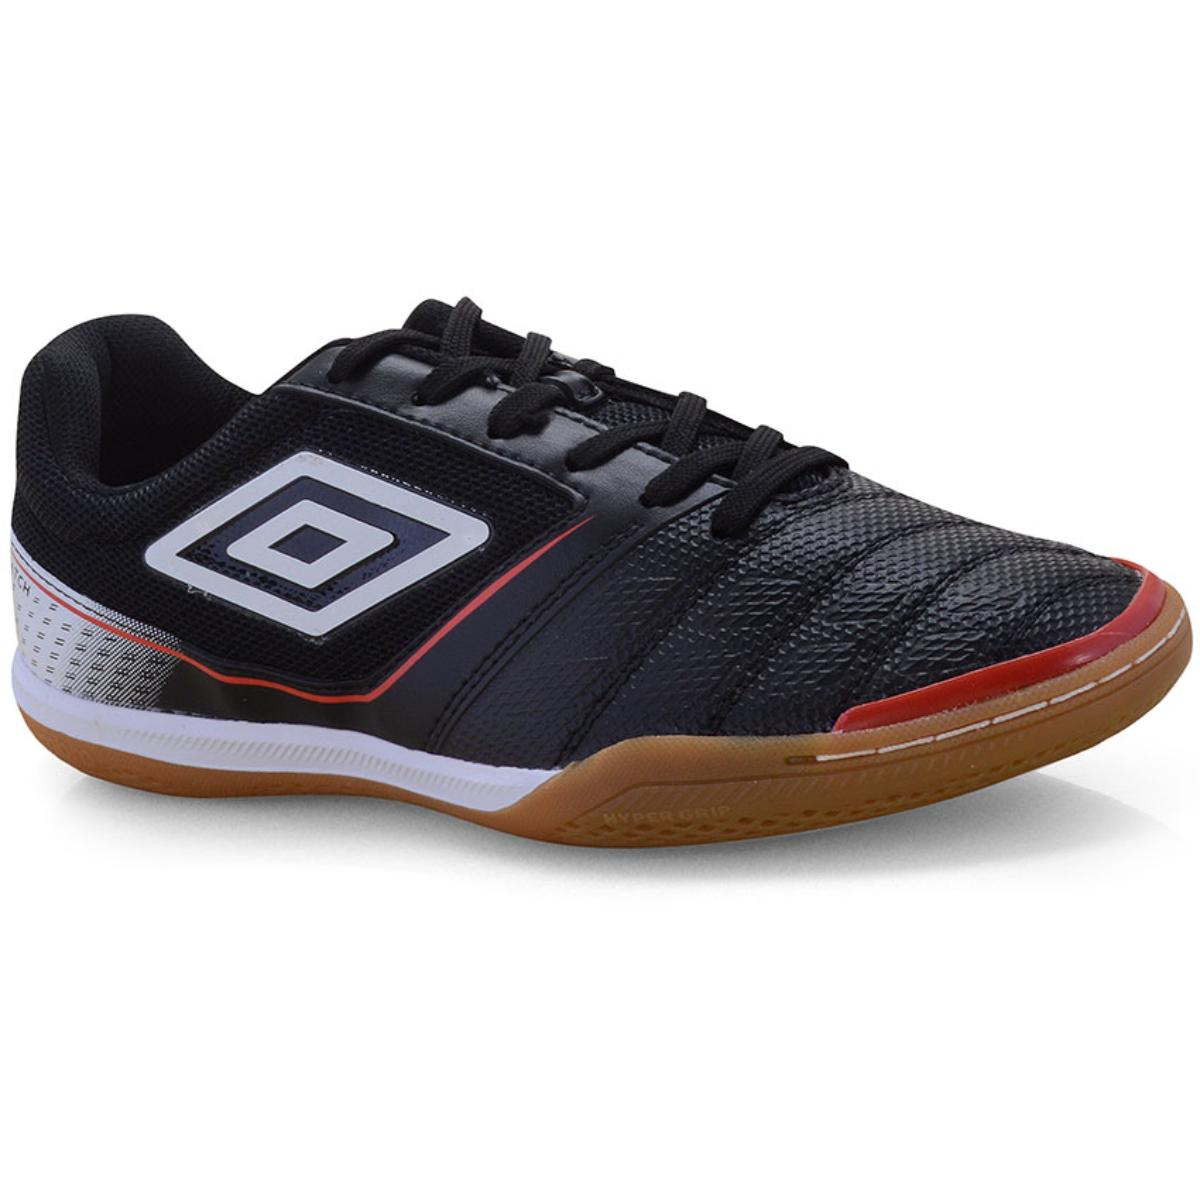 Tênis Masculino Umbro Of72128-124 Match Preto/branco/vermelho